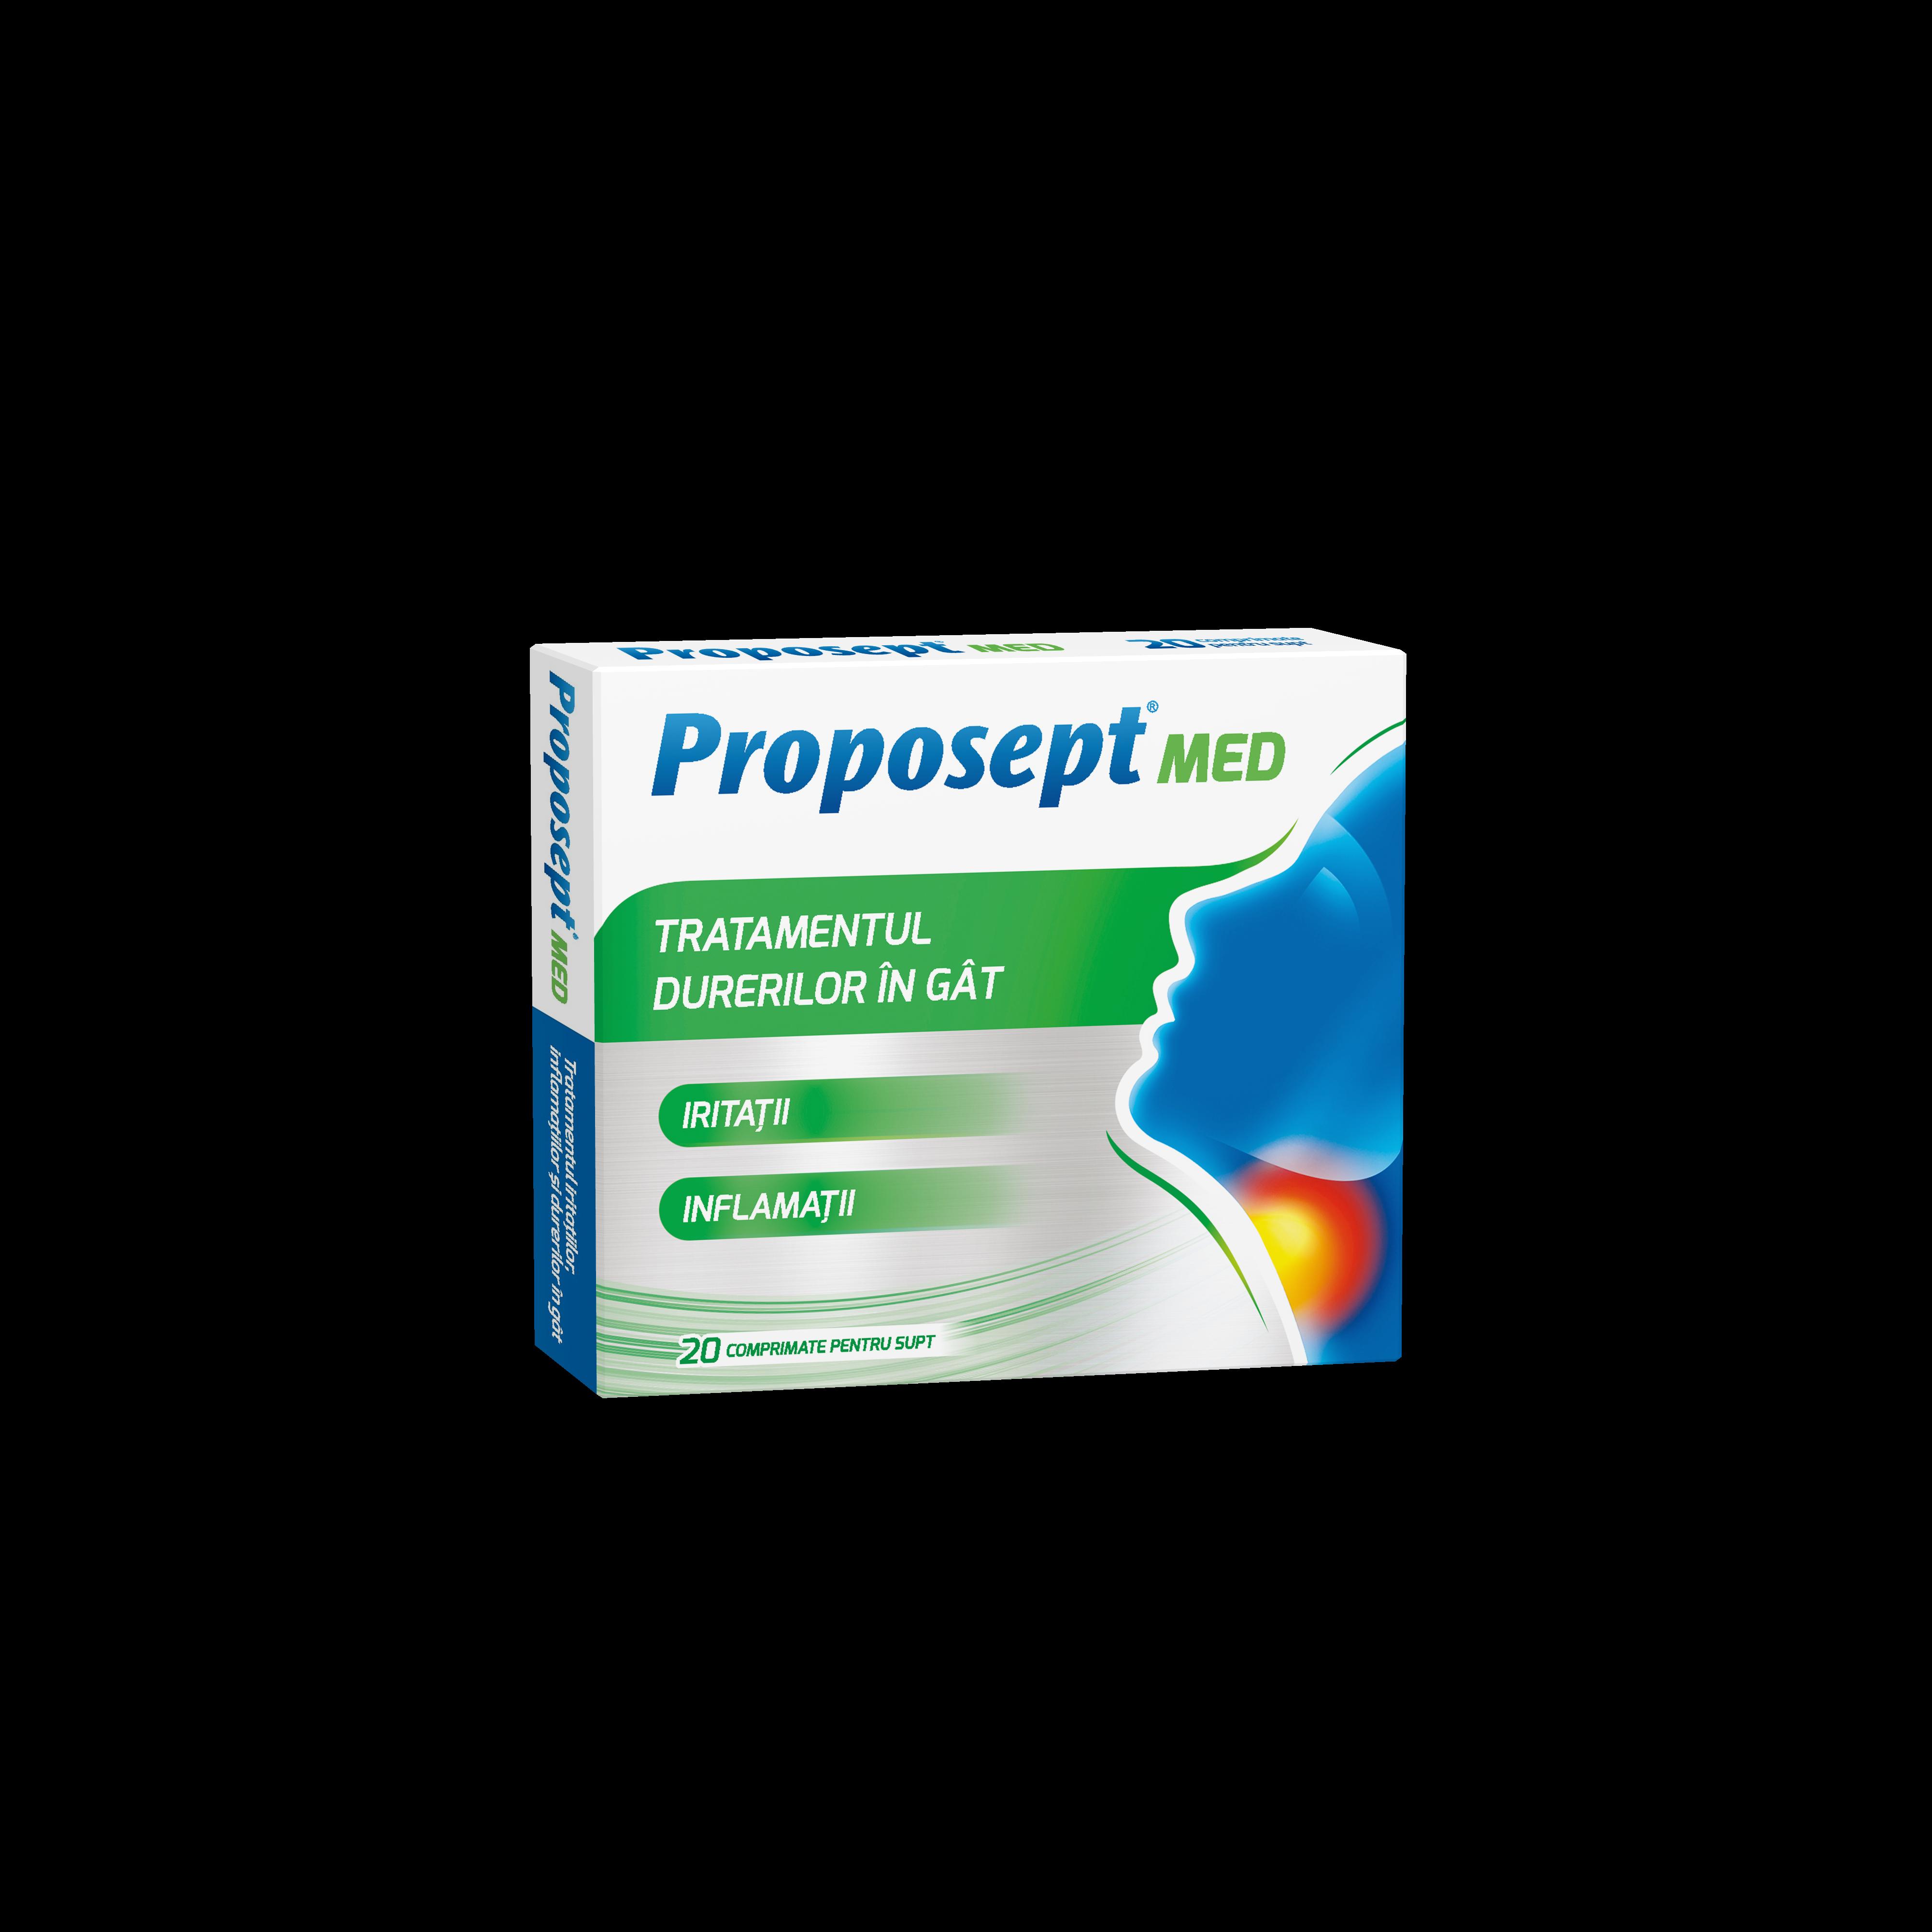 Proposept Med